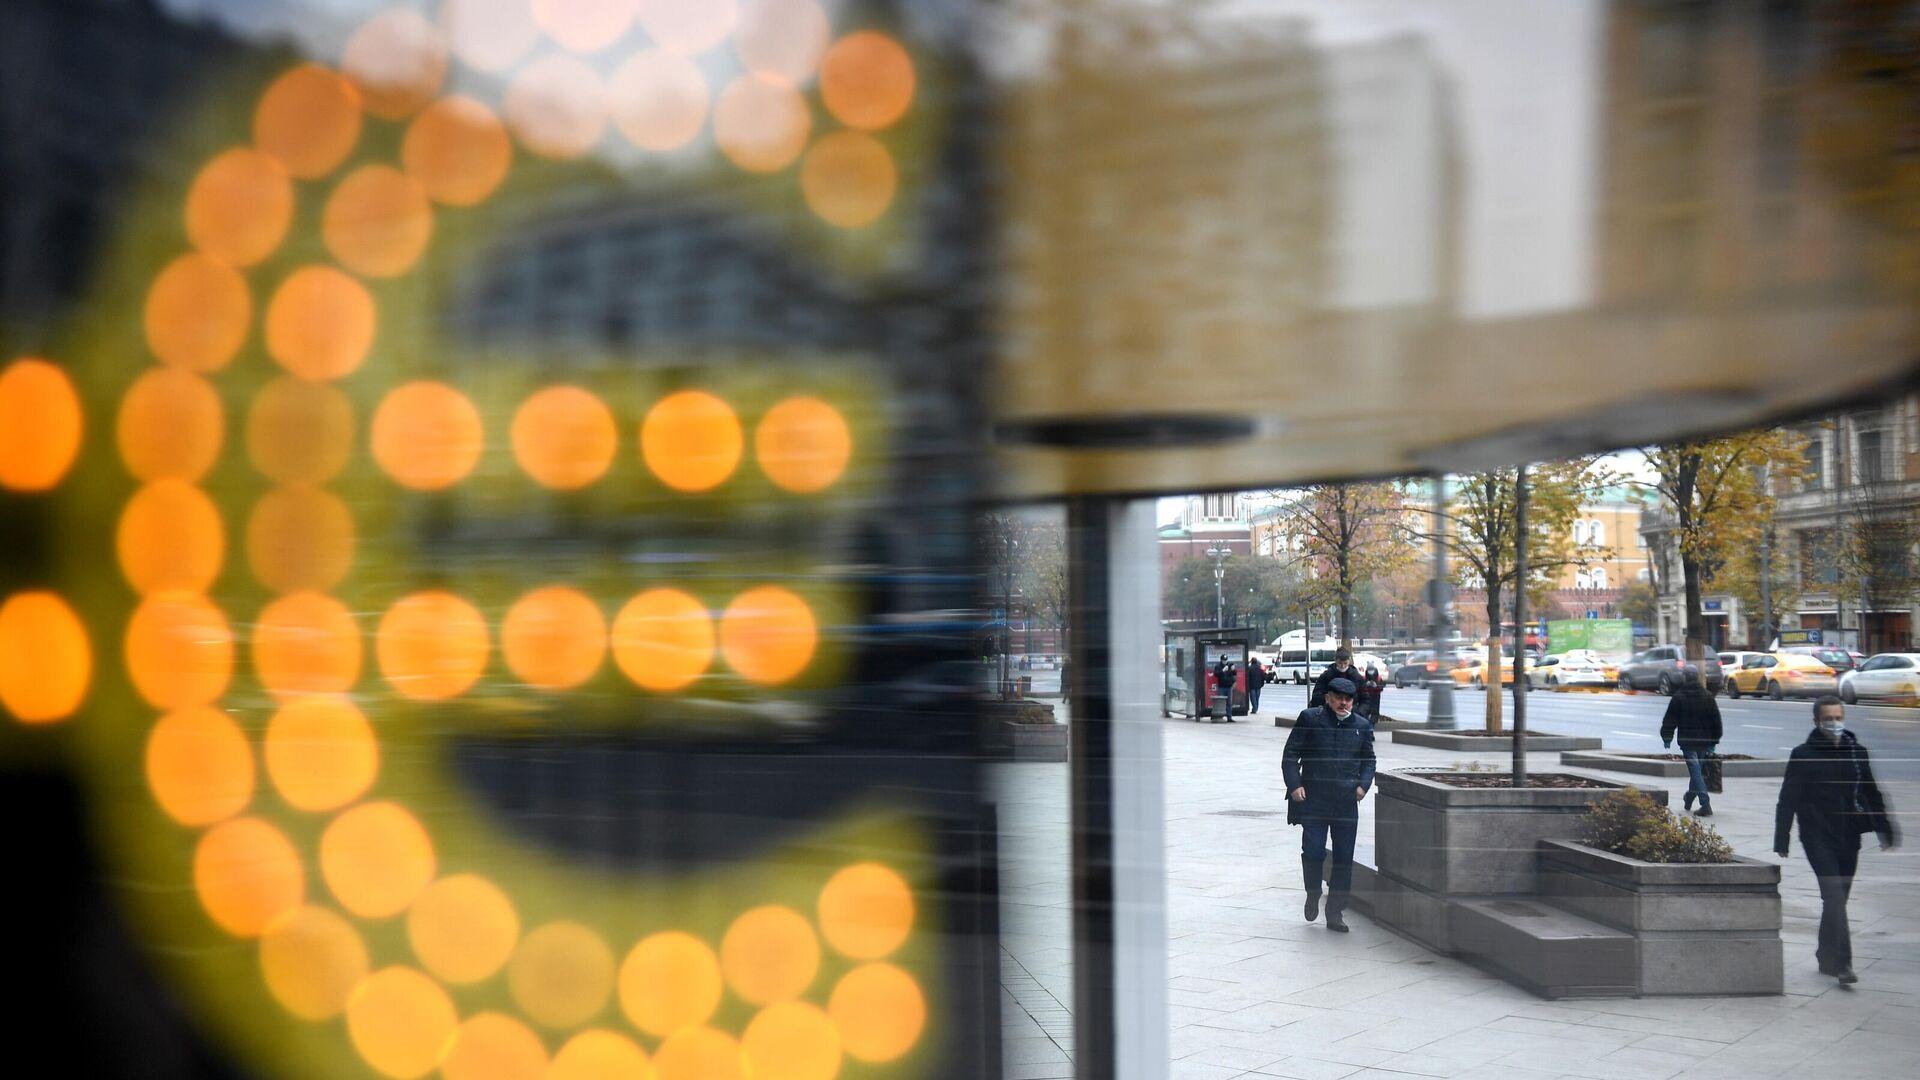 Электронное табло со знаком евро на одной из улиц в Москве - РИА Новости, 1920, 09.03.2021